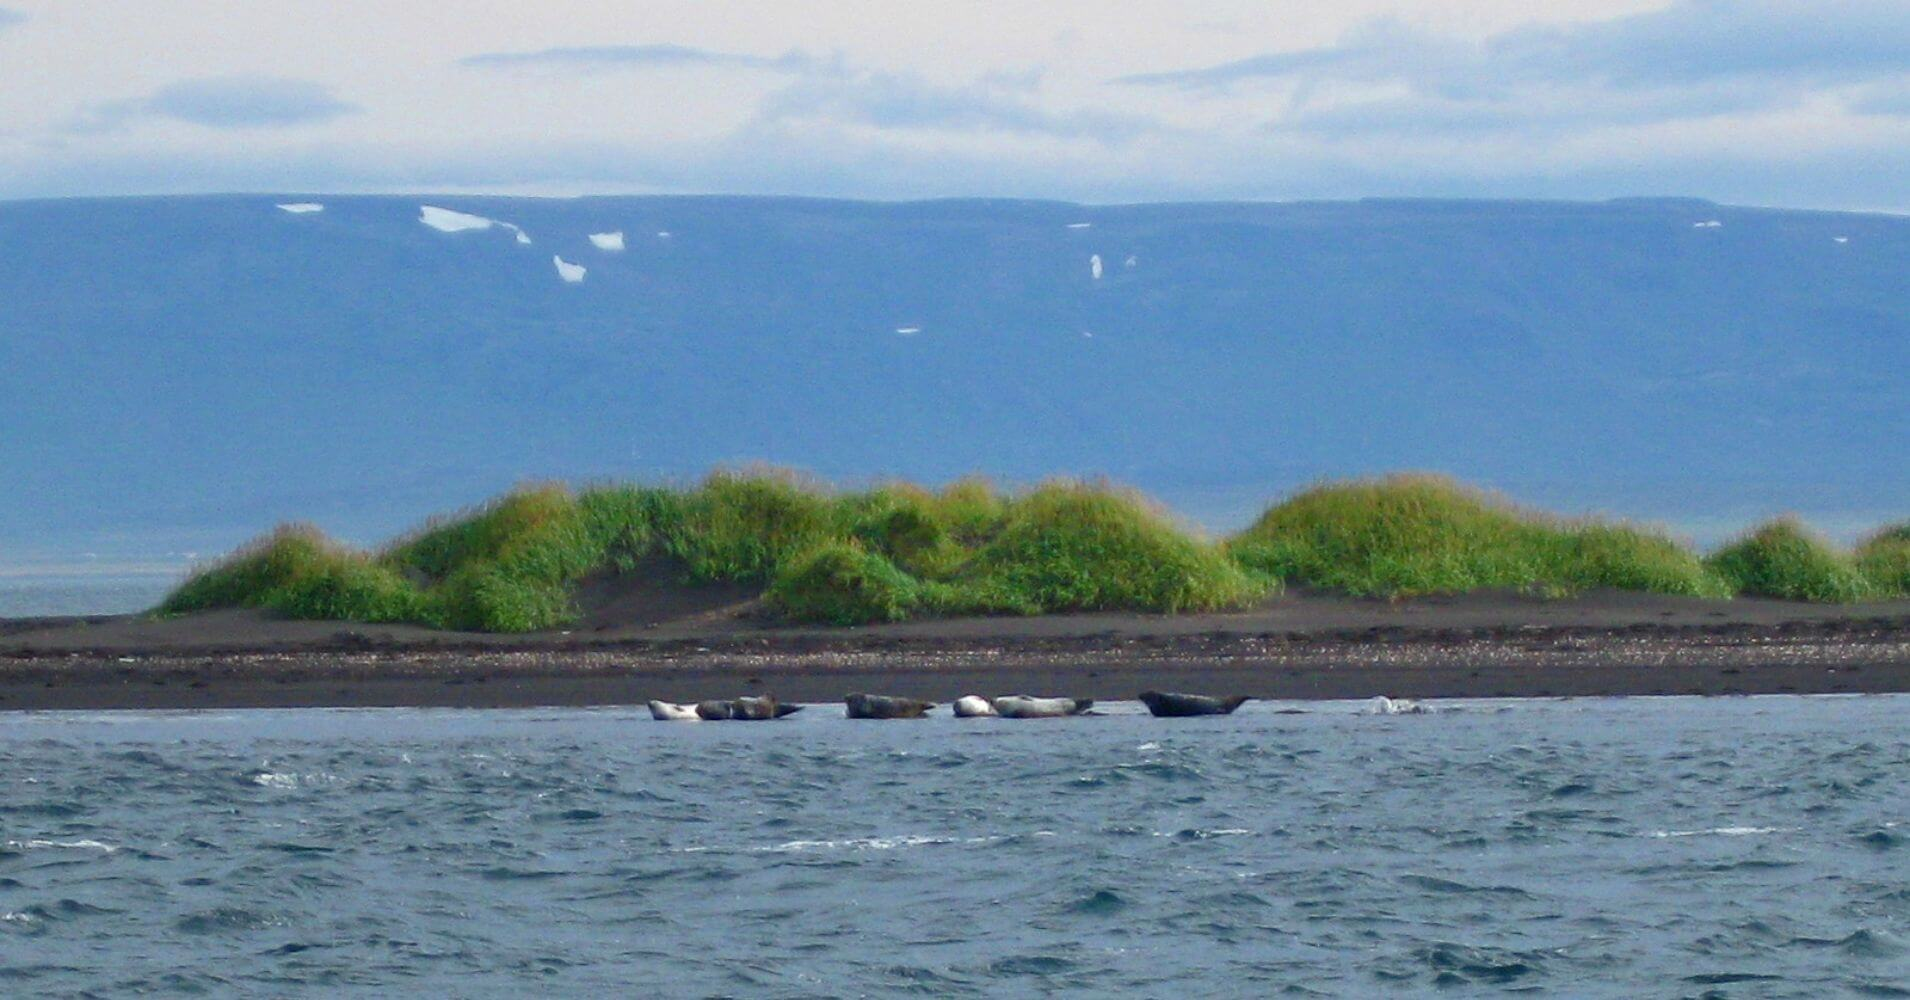 Leones Marinos en Osar. Península de Vatnsnes. Norðurland Vestra. Islandia.